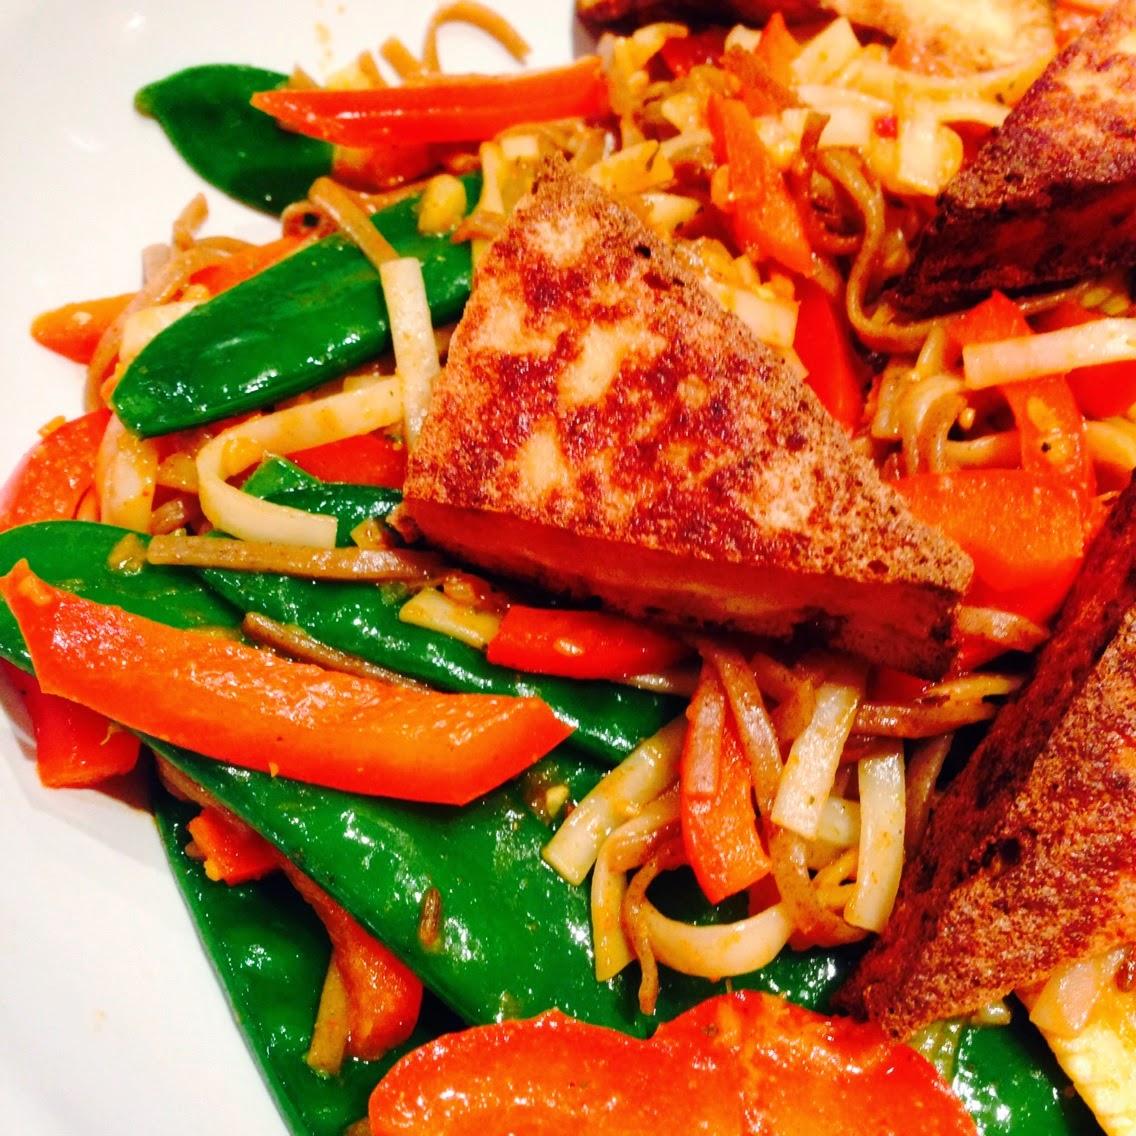 Singapore Noodles withTofu